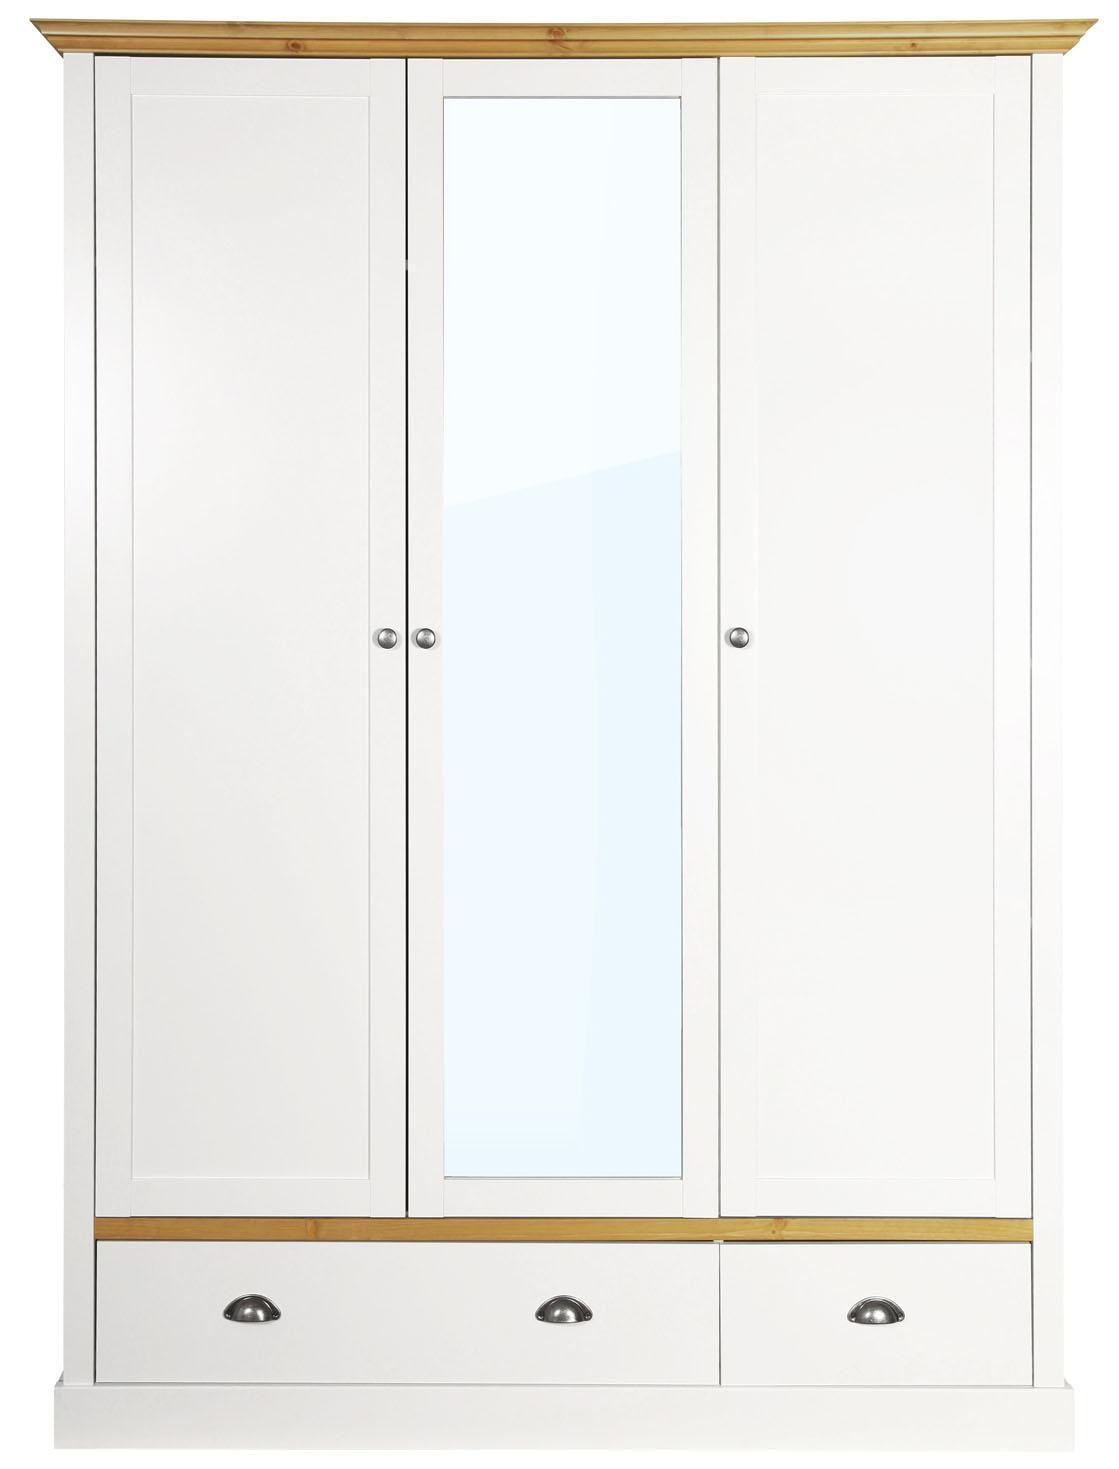 Home affaire Kleiderschrank »Sandringham« mit 2 Schubladen und 3 Türen, Breite 148 cm